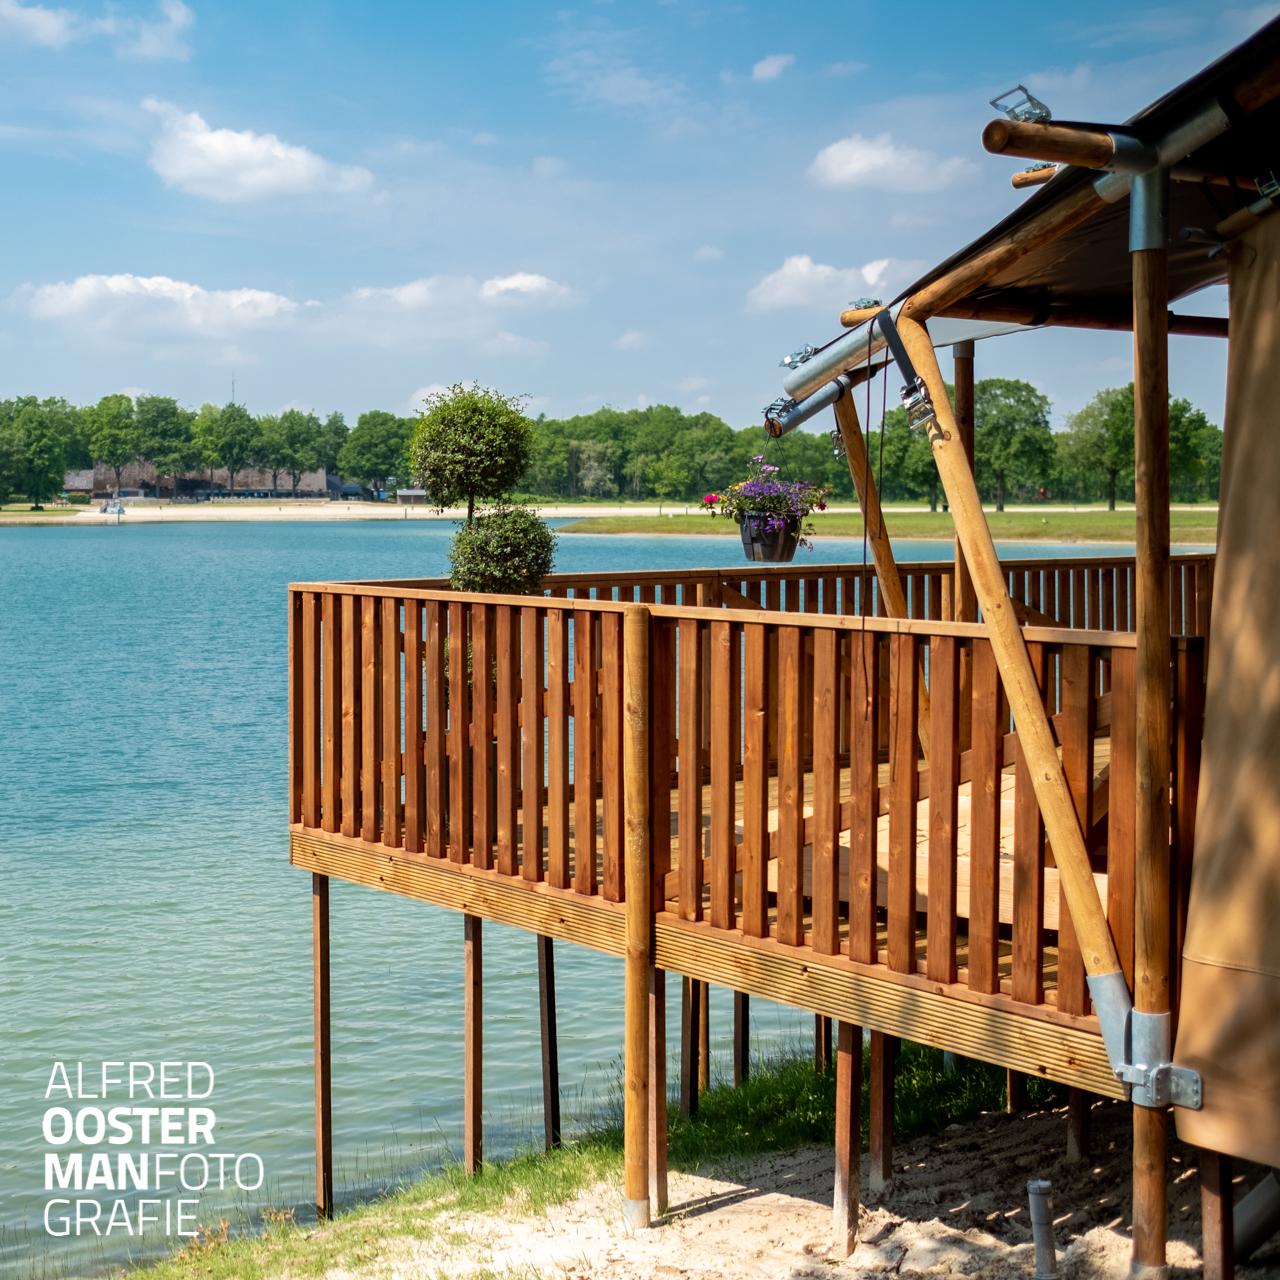 Het Ronostrand in het noorden van Drenthe heeft unieke kampeer mogelijkheden. In één van de drie waterlogdges wordt je wakker met uitzicht over het meer. Een zeer comfortabele compleet ingerichte tent met een eigen badkamer en een royaal terras aan het water.